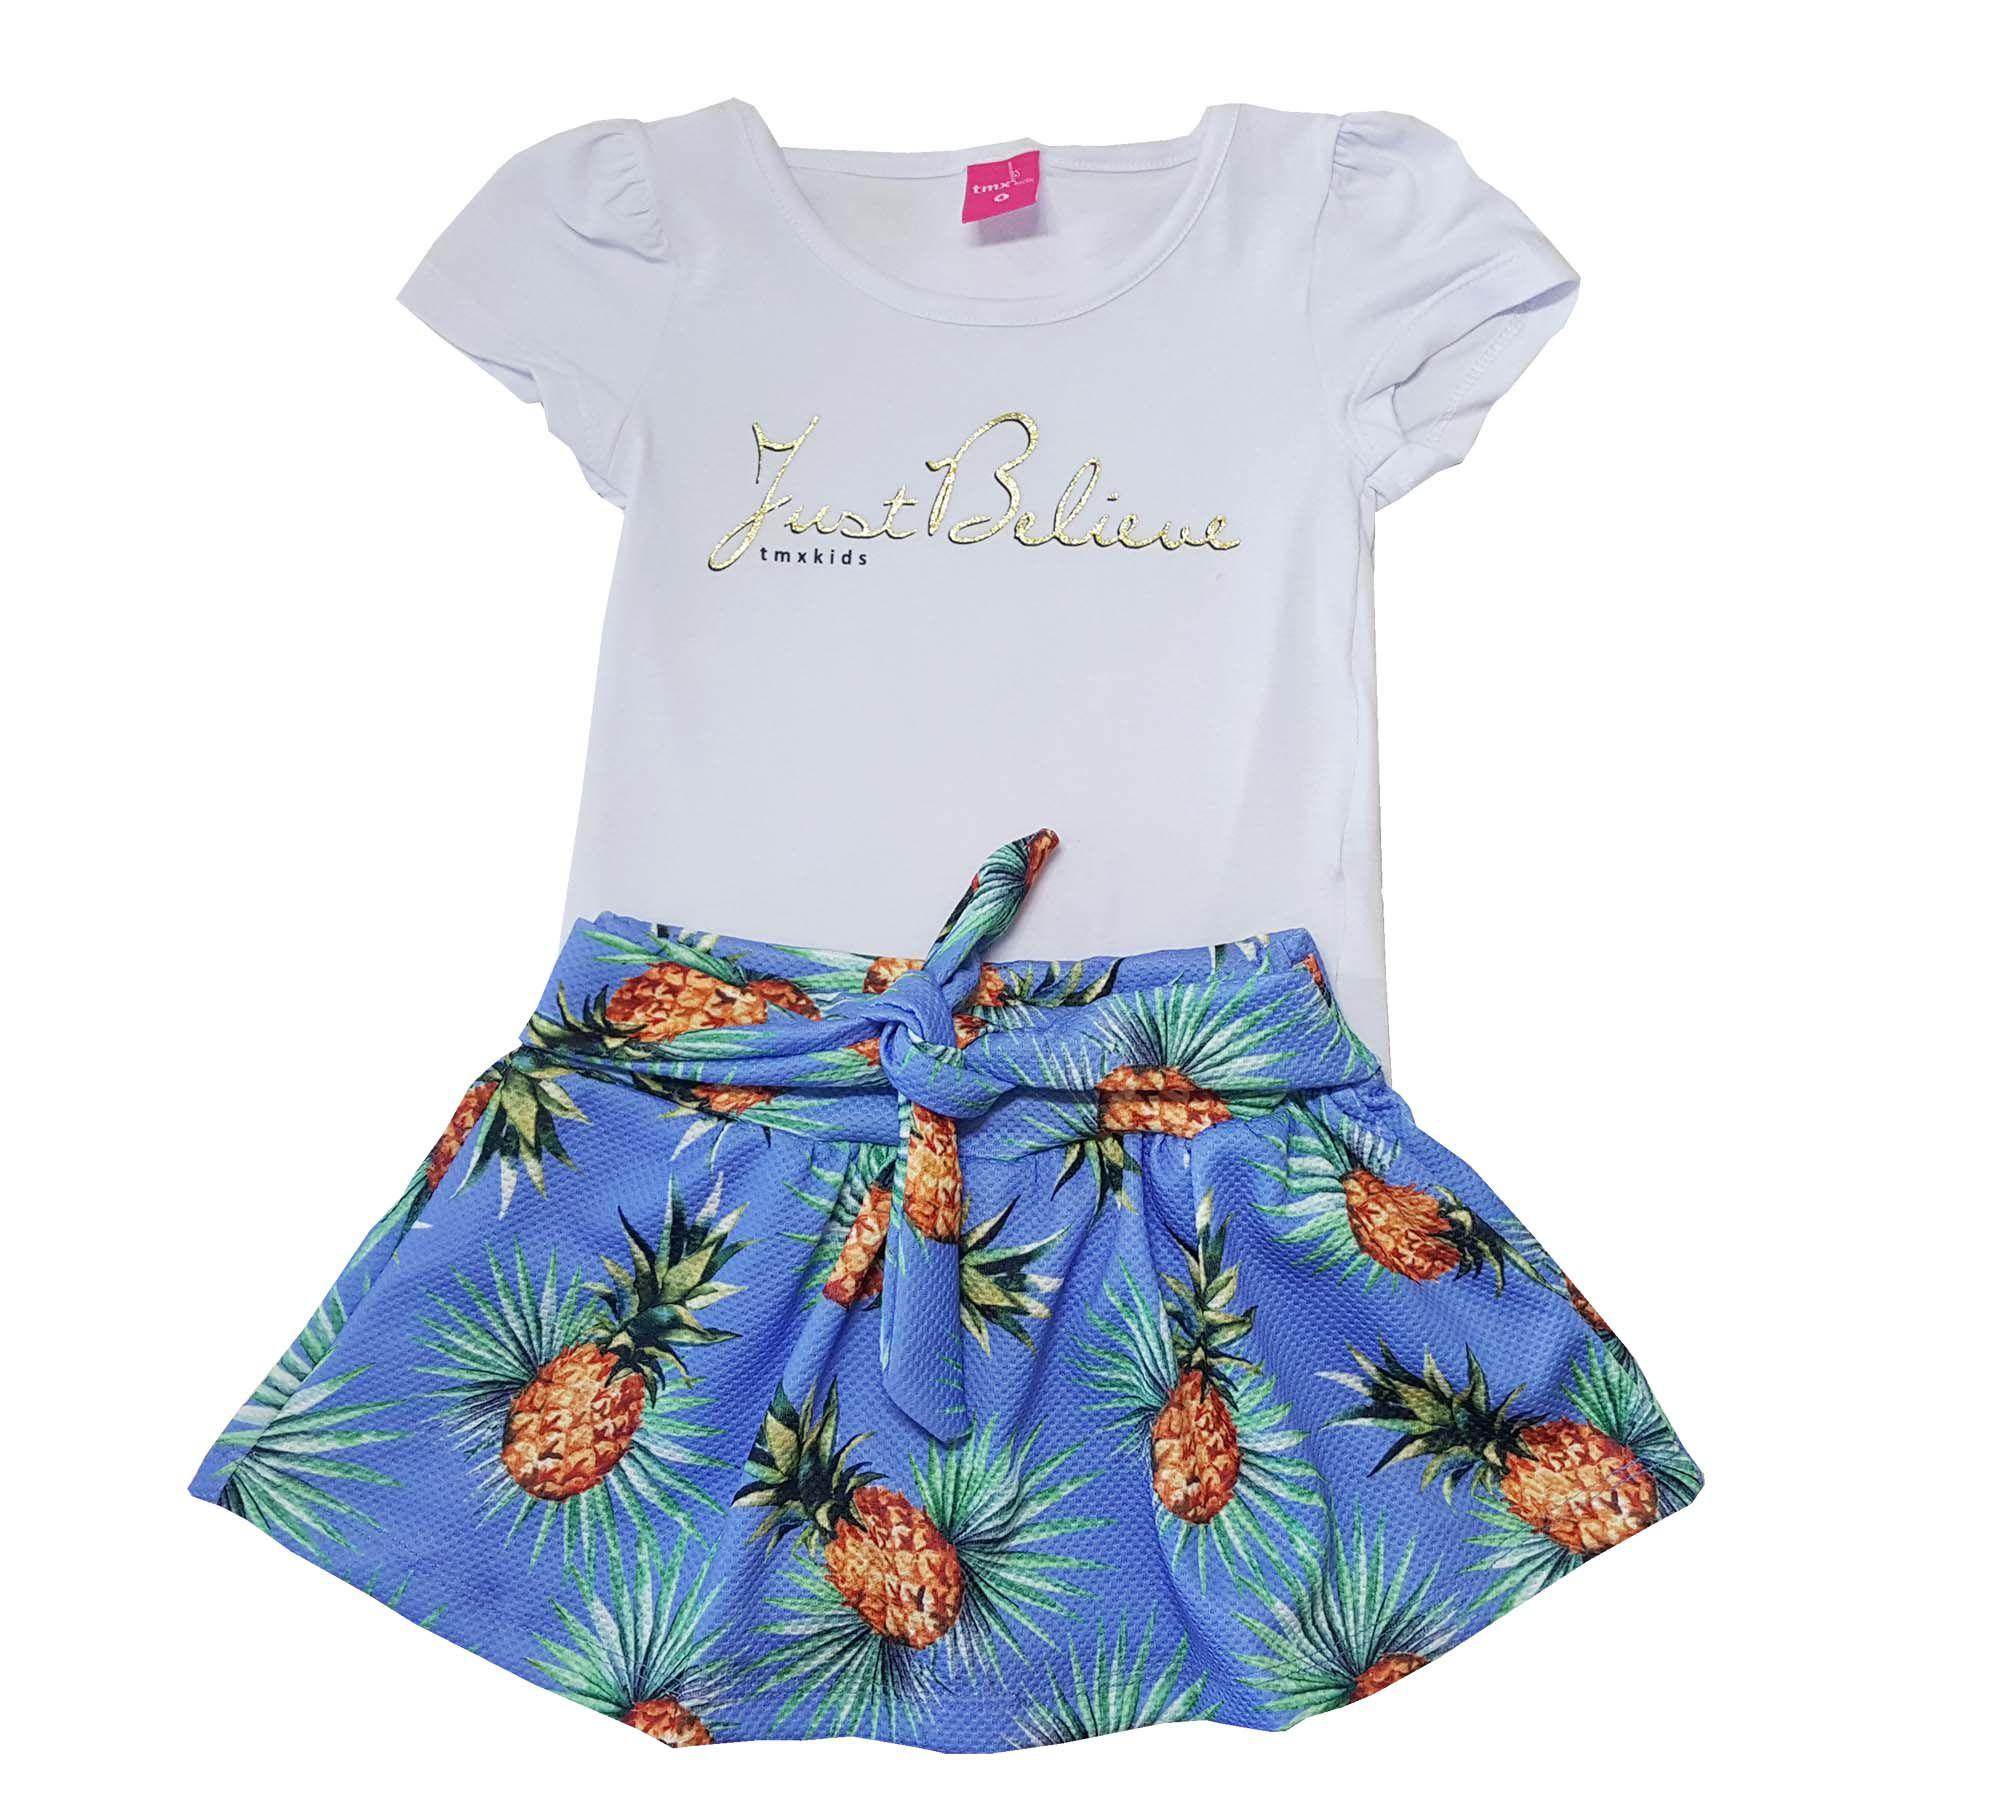 Conjunto Blusa e Saia-Shorts TMX  Just Believe Azul  / Tamanho 4